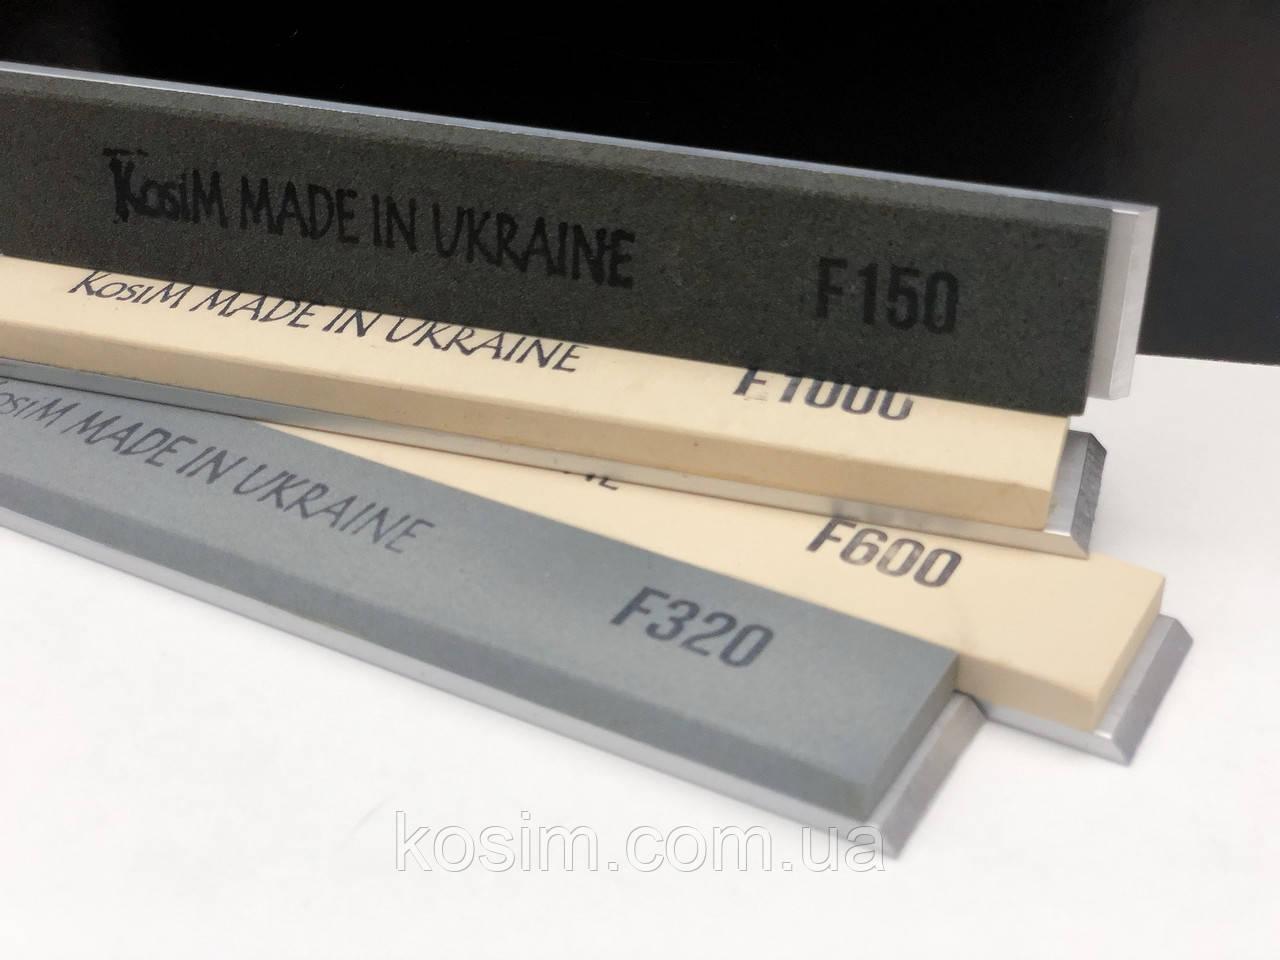 Водные точильные камни бруски 6 мм для точилок типа Apex, Ruixin, Казак. На алюминиевых бланках